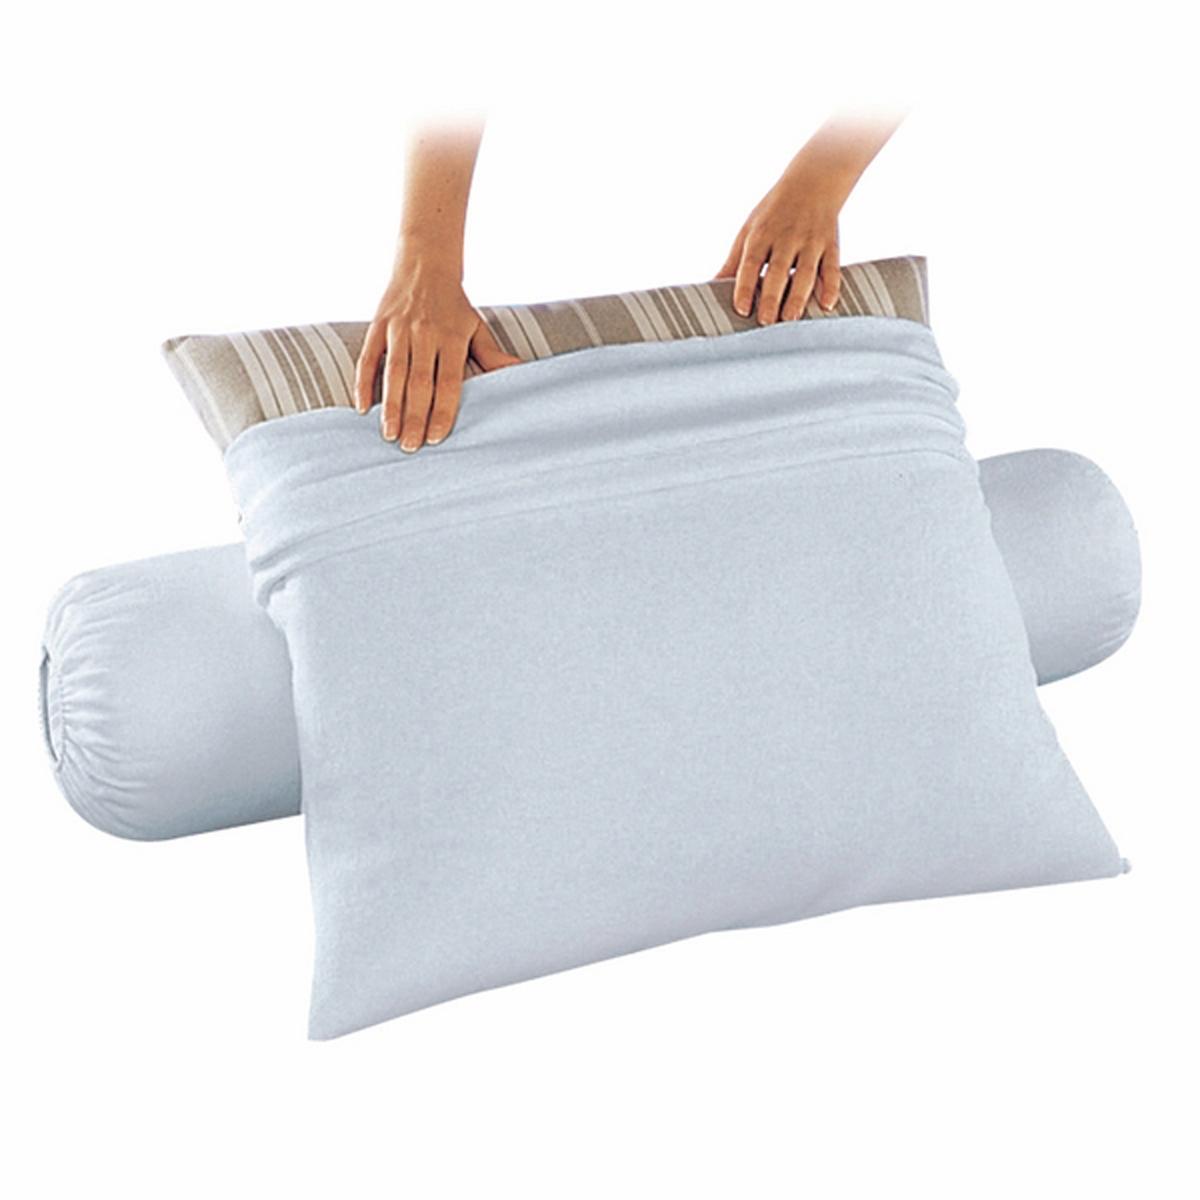 Чехол защитный для подушки, из стретч-мольтона, водонепроницаемыйВысококачественное шитьё и отделка. Экологически чистая пропитка против клещей Proneem®.ХарактеристикиЗащитный чехол для подушки из стретч-мольтона (чесаного и стриженного) 80 % хлопка, 20 % полиэстера (220 гр/м?) с полиуретановой пропиткой, которая пропускает воздух, позволяет Вашей коже дышать, обеспечивает сухость и комфорт.Пропитка Proneem® против клещей, безвредная и экологически чистая, на растительной основе (лимон, лаванда и эвкалипт).Биоцидная обработка Уход : Машинная стирка при 60 °С.Размеры :50 x 70 см63 x 63 смХарактеристикиКачество BEST.<br><br>Цвет: белый